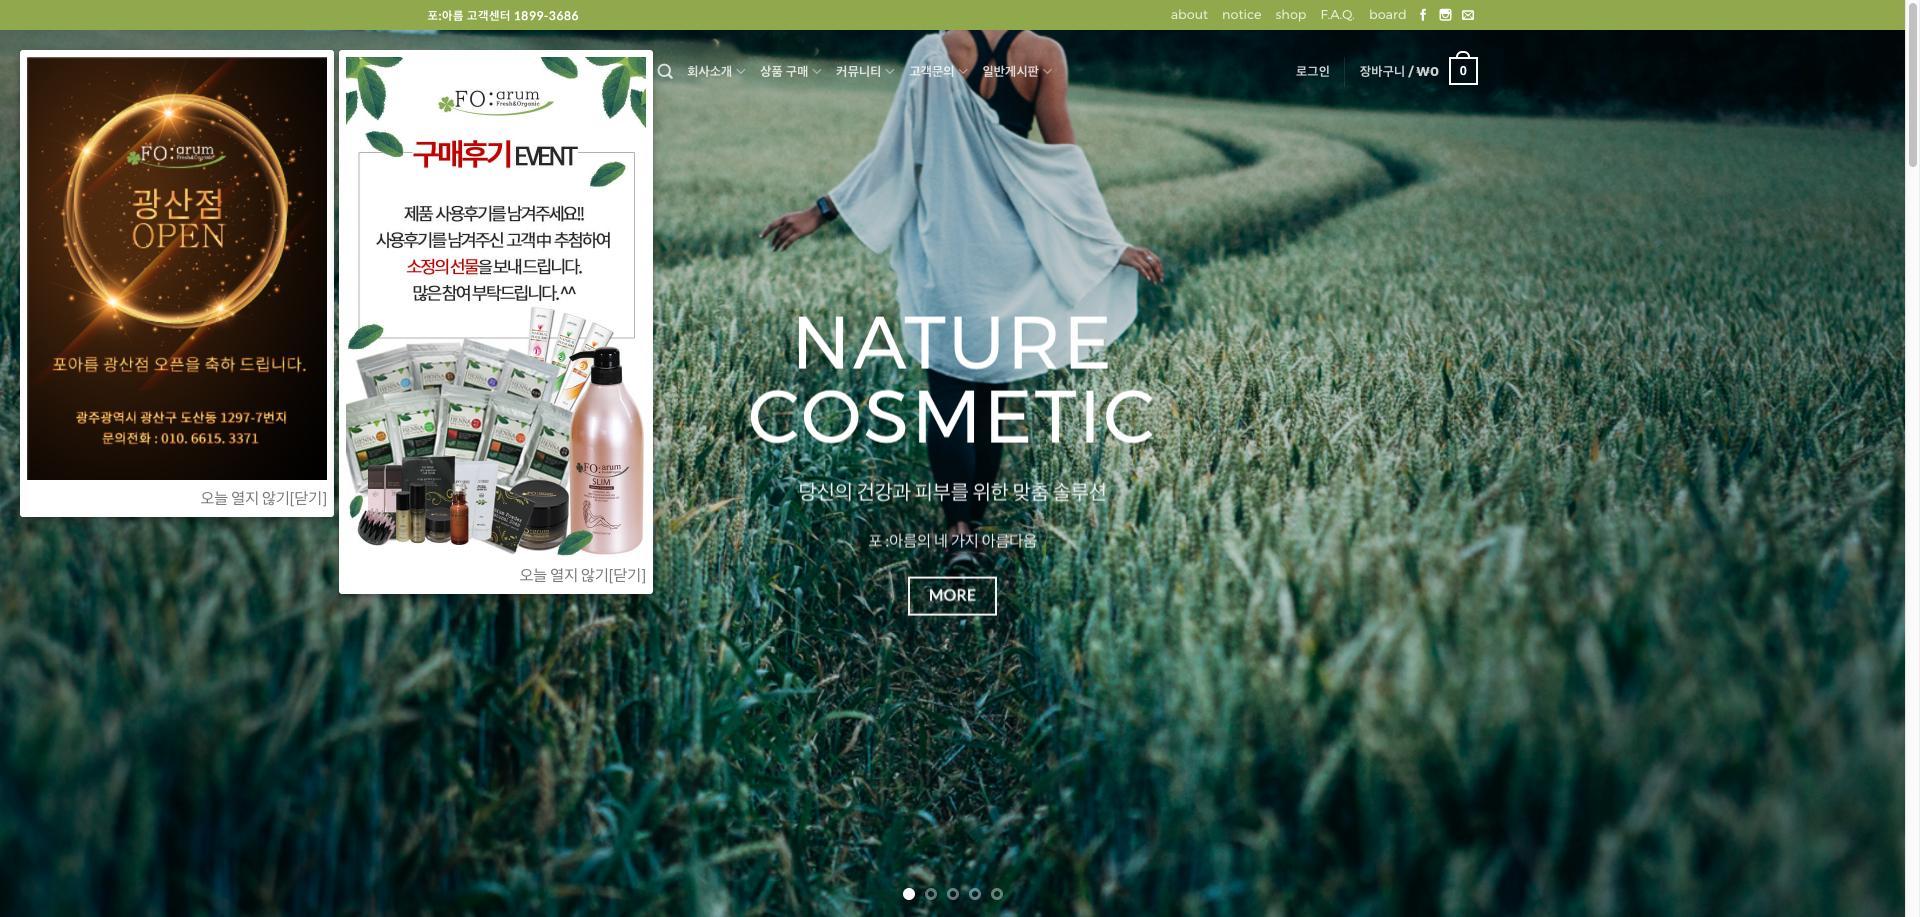 foarum Fresh&Organic